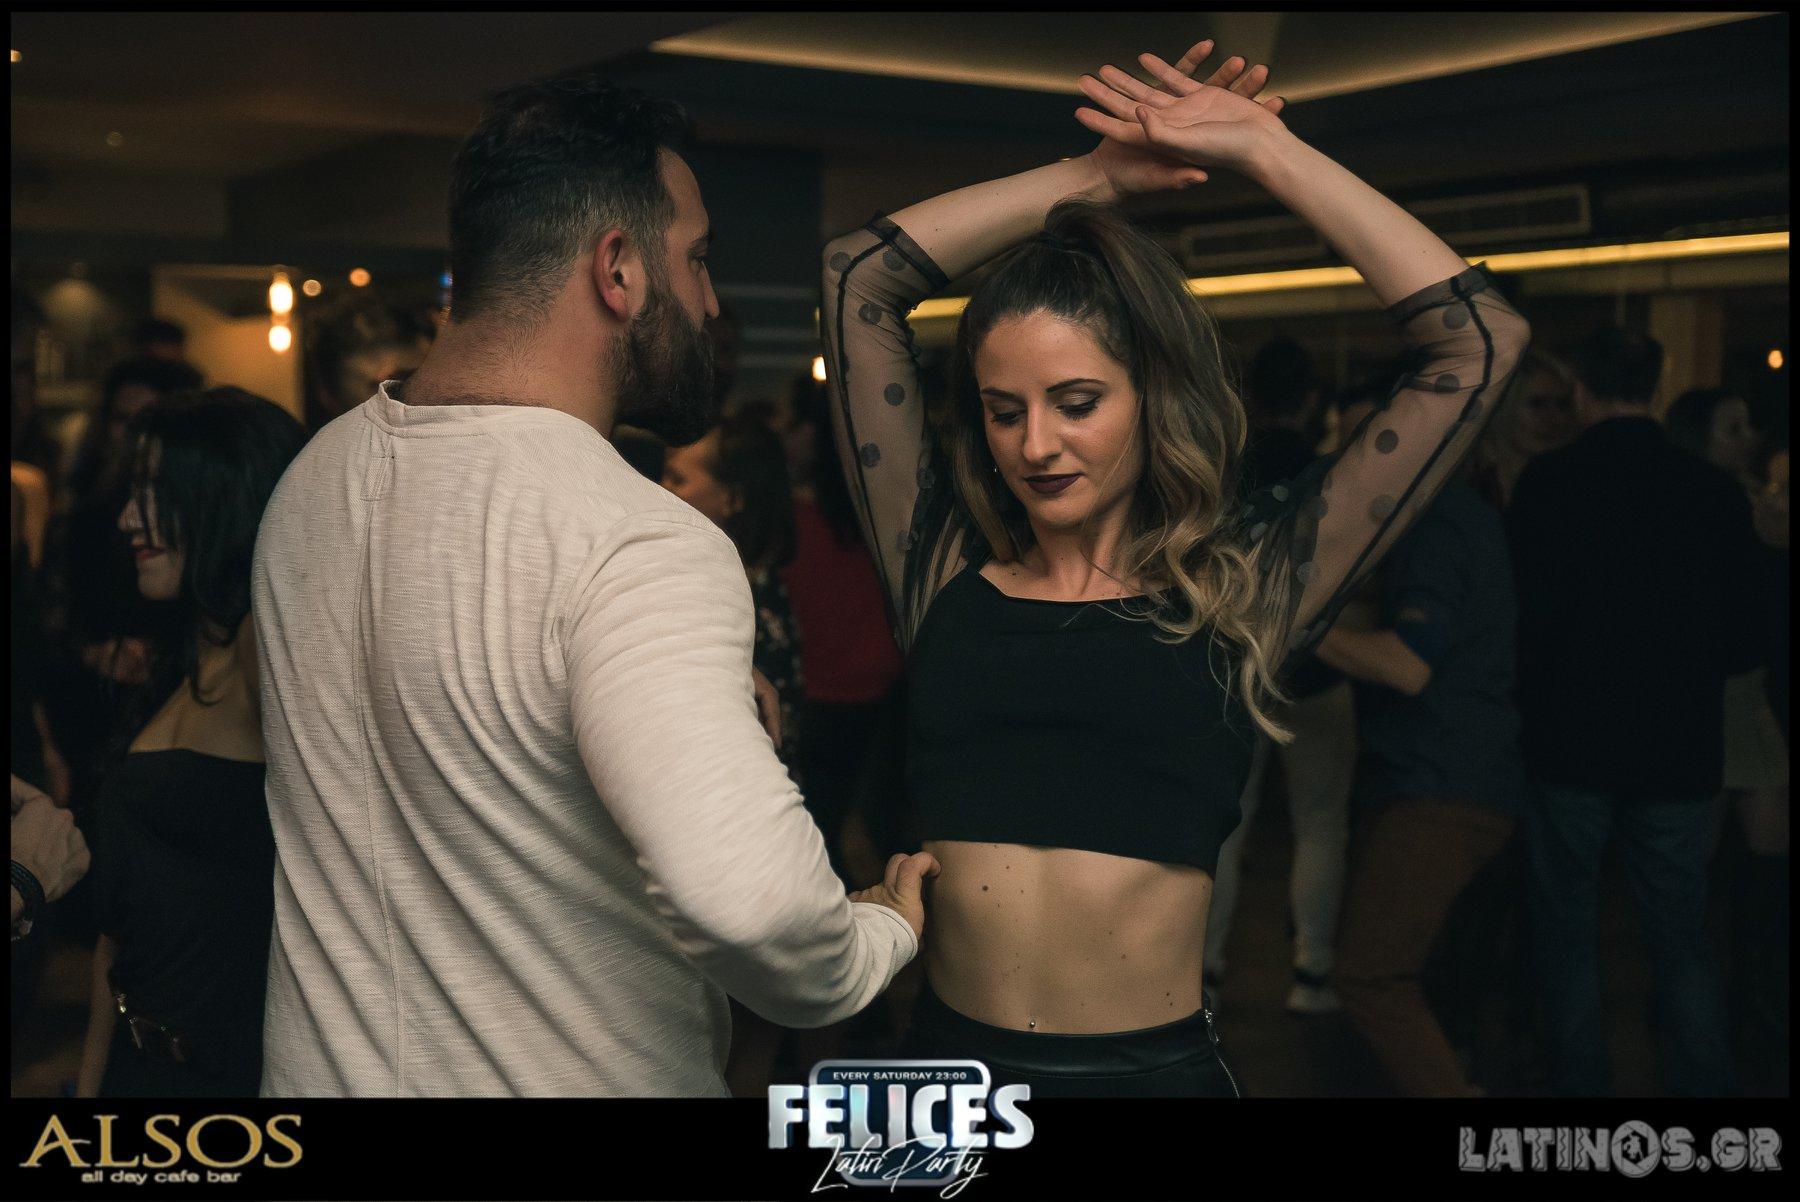 Felices con Loca Latina Live @ Alsos